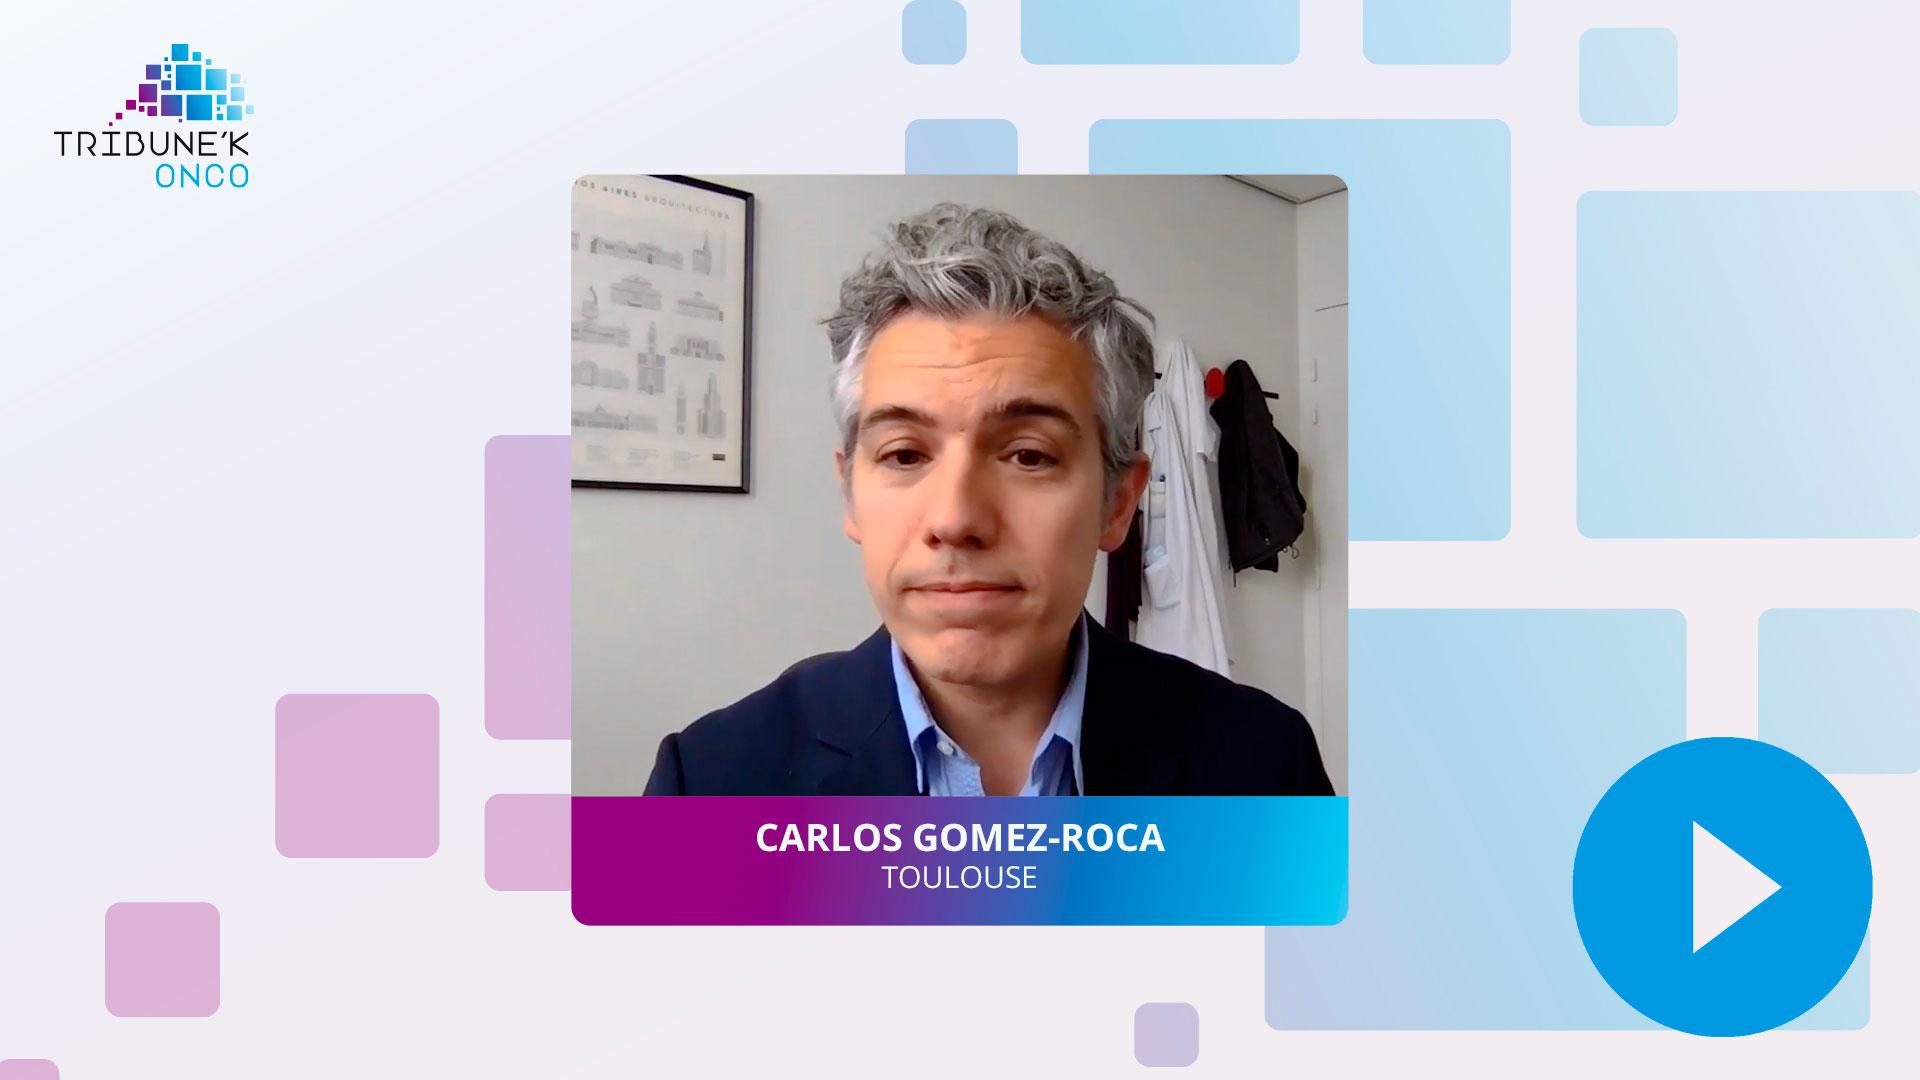 TKO_2021_AACR_03_CARLOS_GOMEZ_ROCA_play